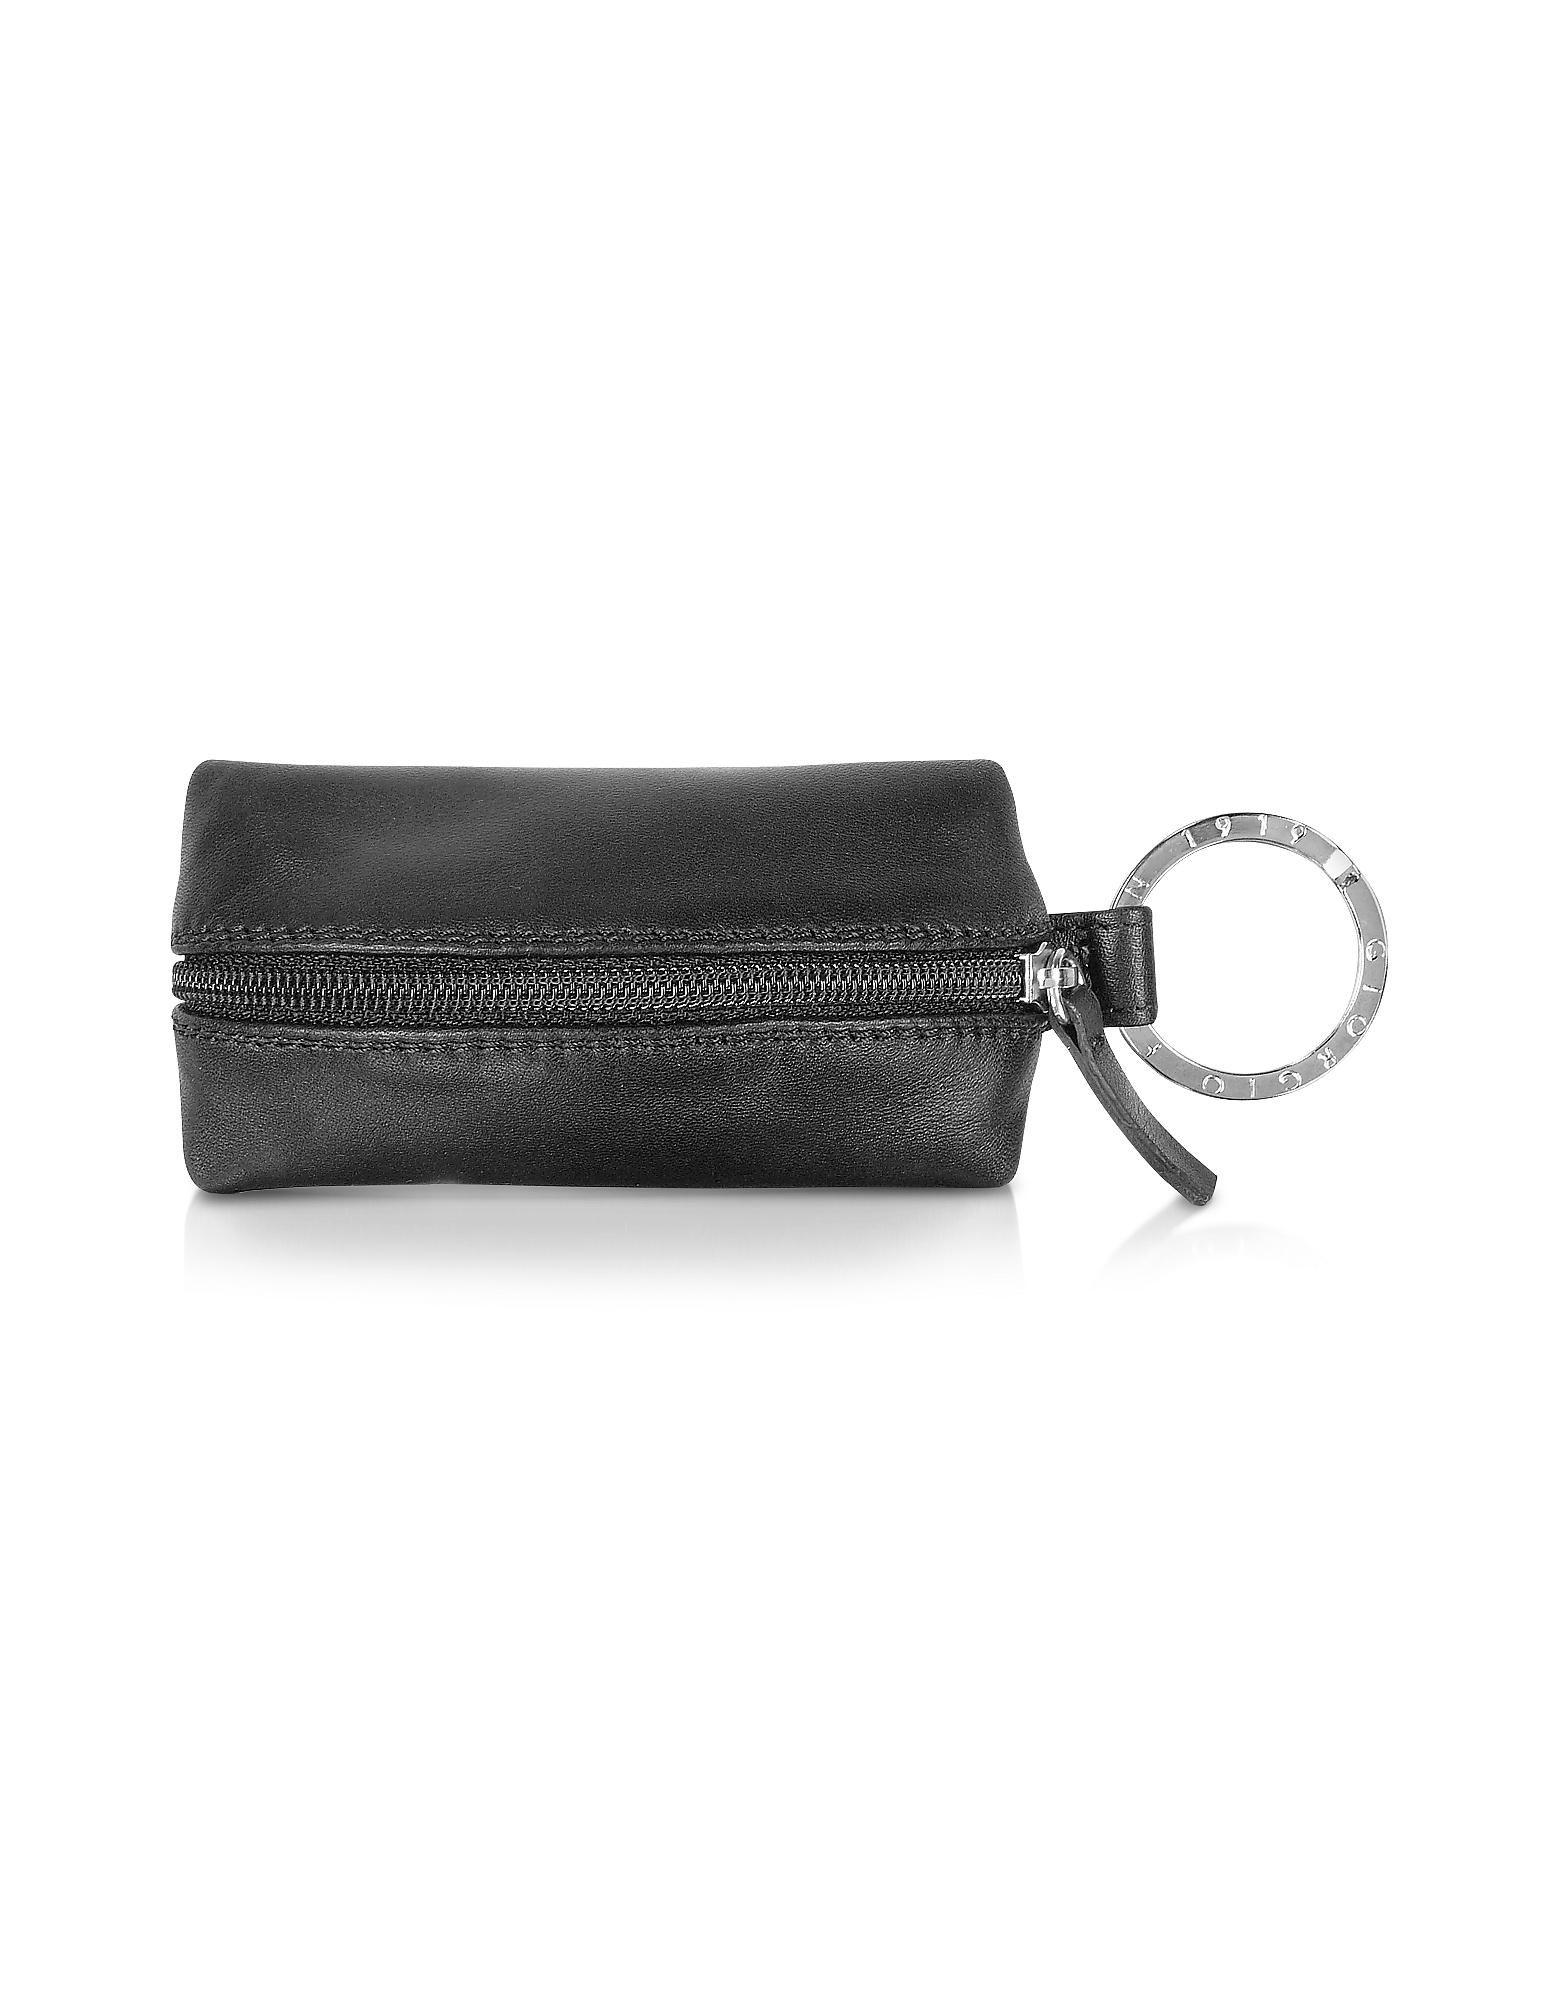 Фото Classica - Черный Брелок для Ключей из Кожи Теленка с Внутренним Отделением. Купить с доставкой